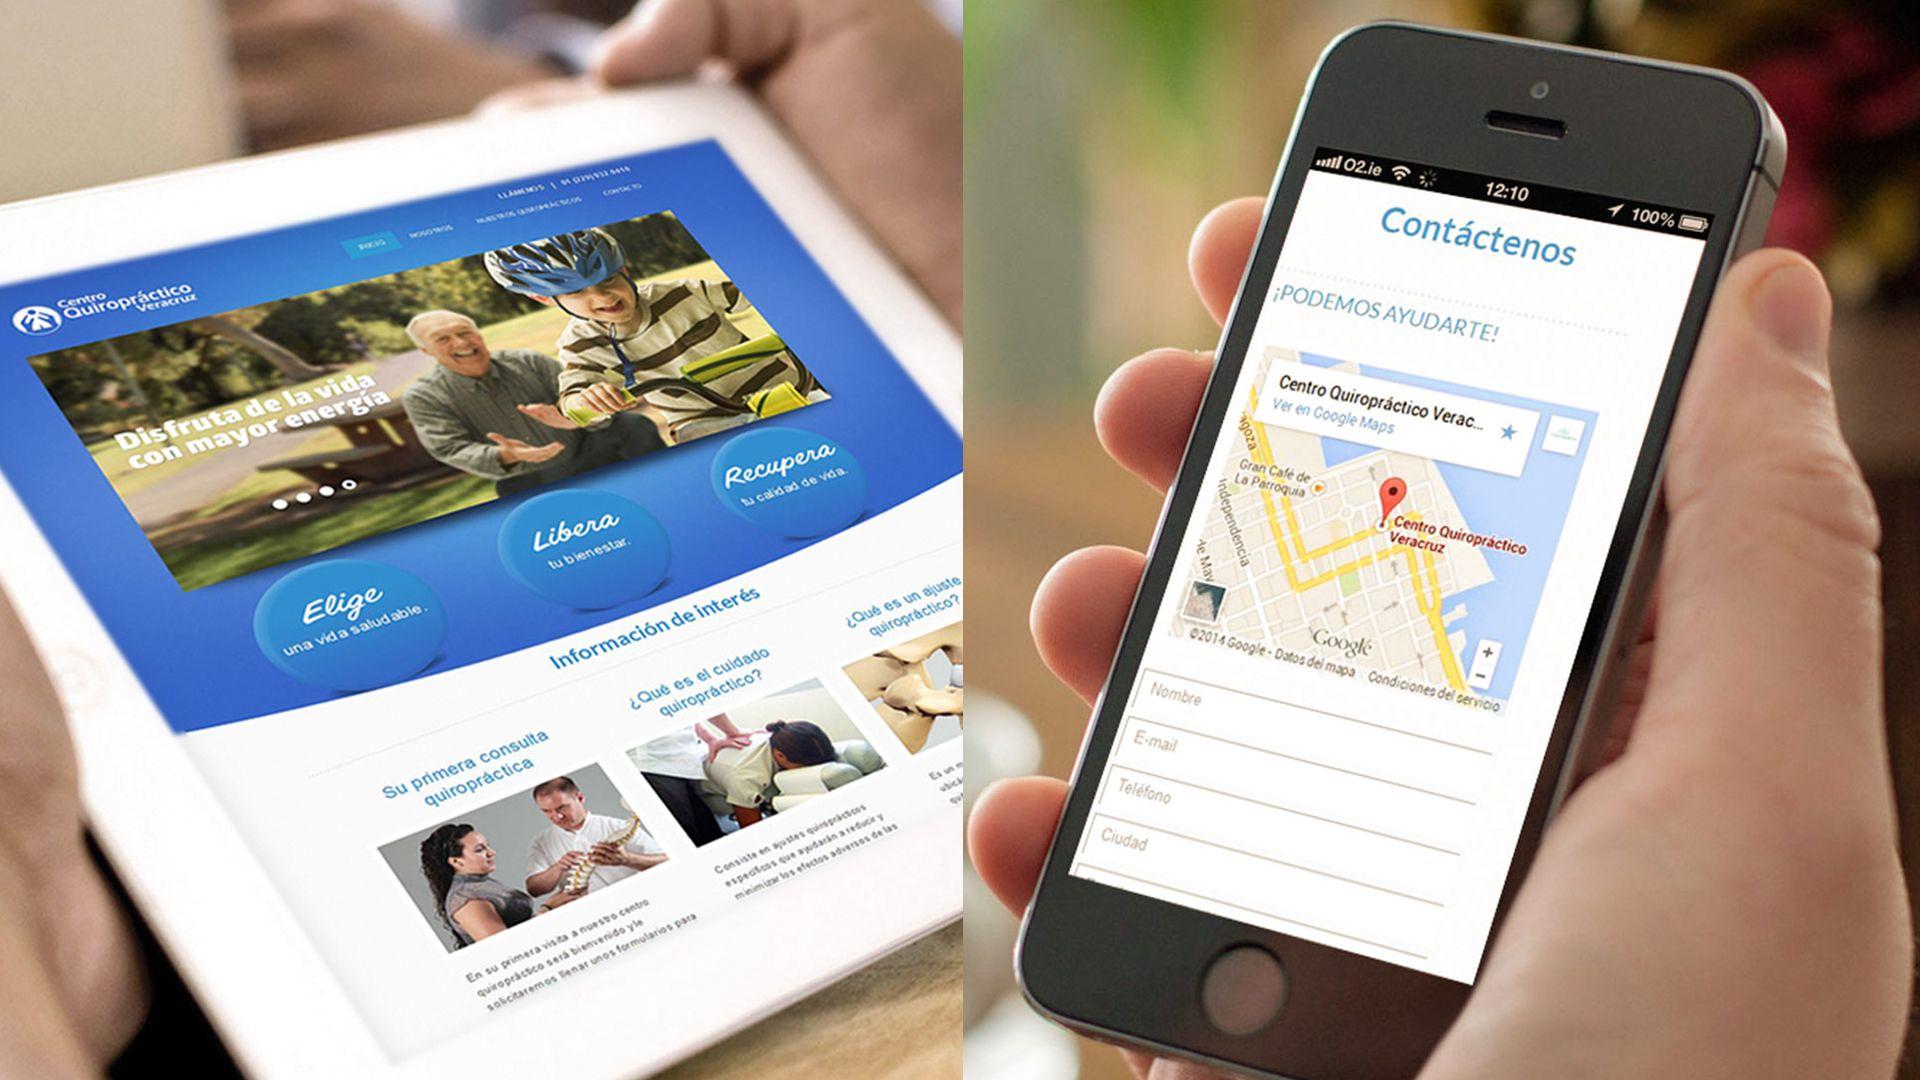 4f49daafc43ba Diseño de página web para Centro Quiropráctico Veracruz. Haz que tus  clientes te encuentren en